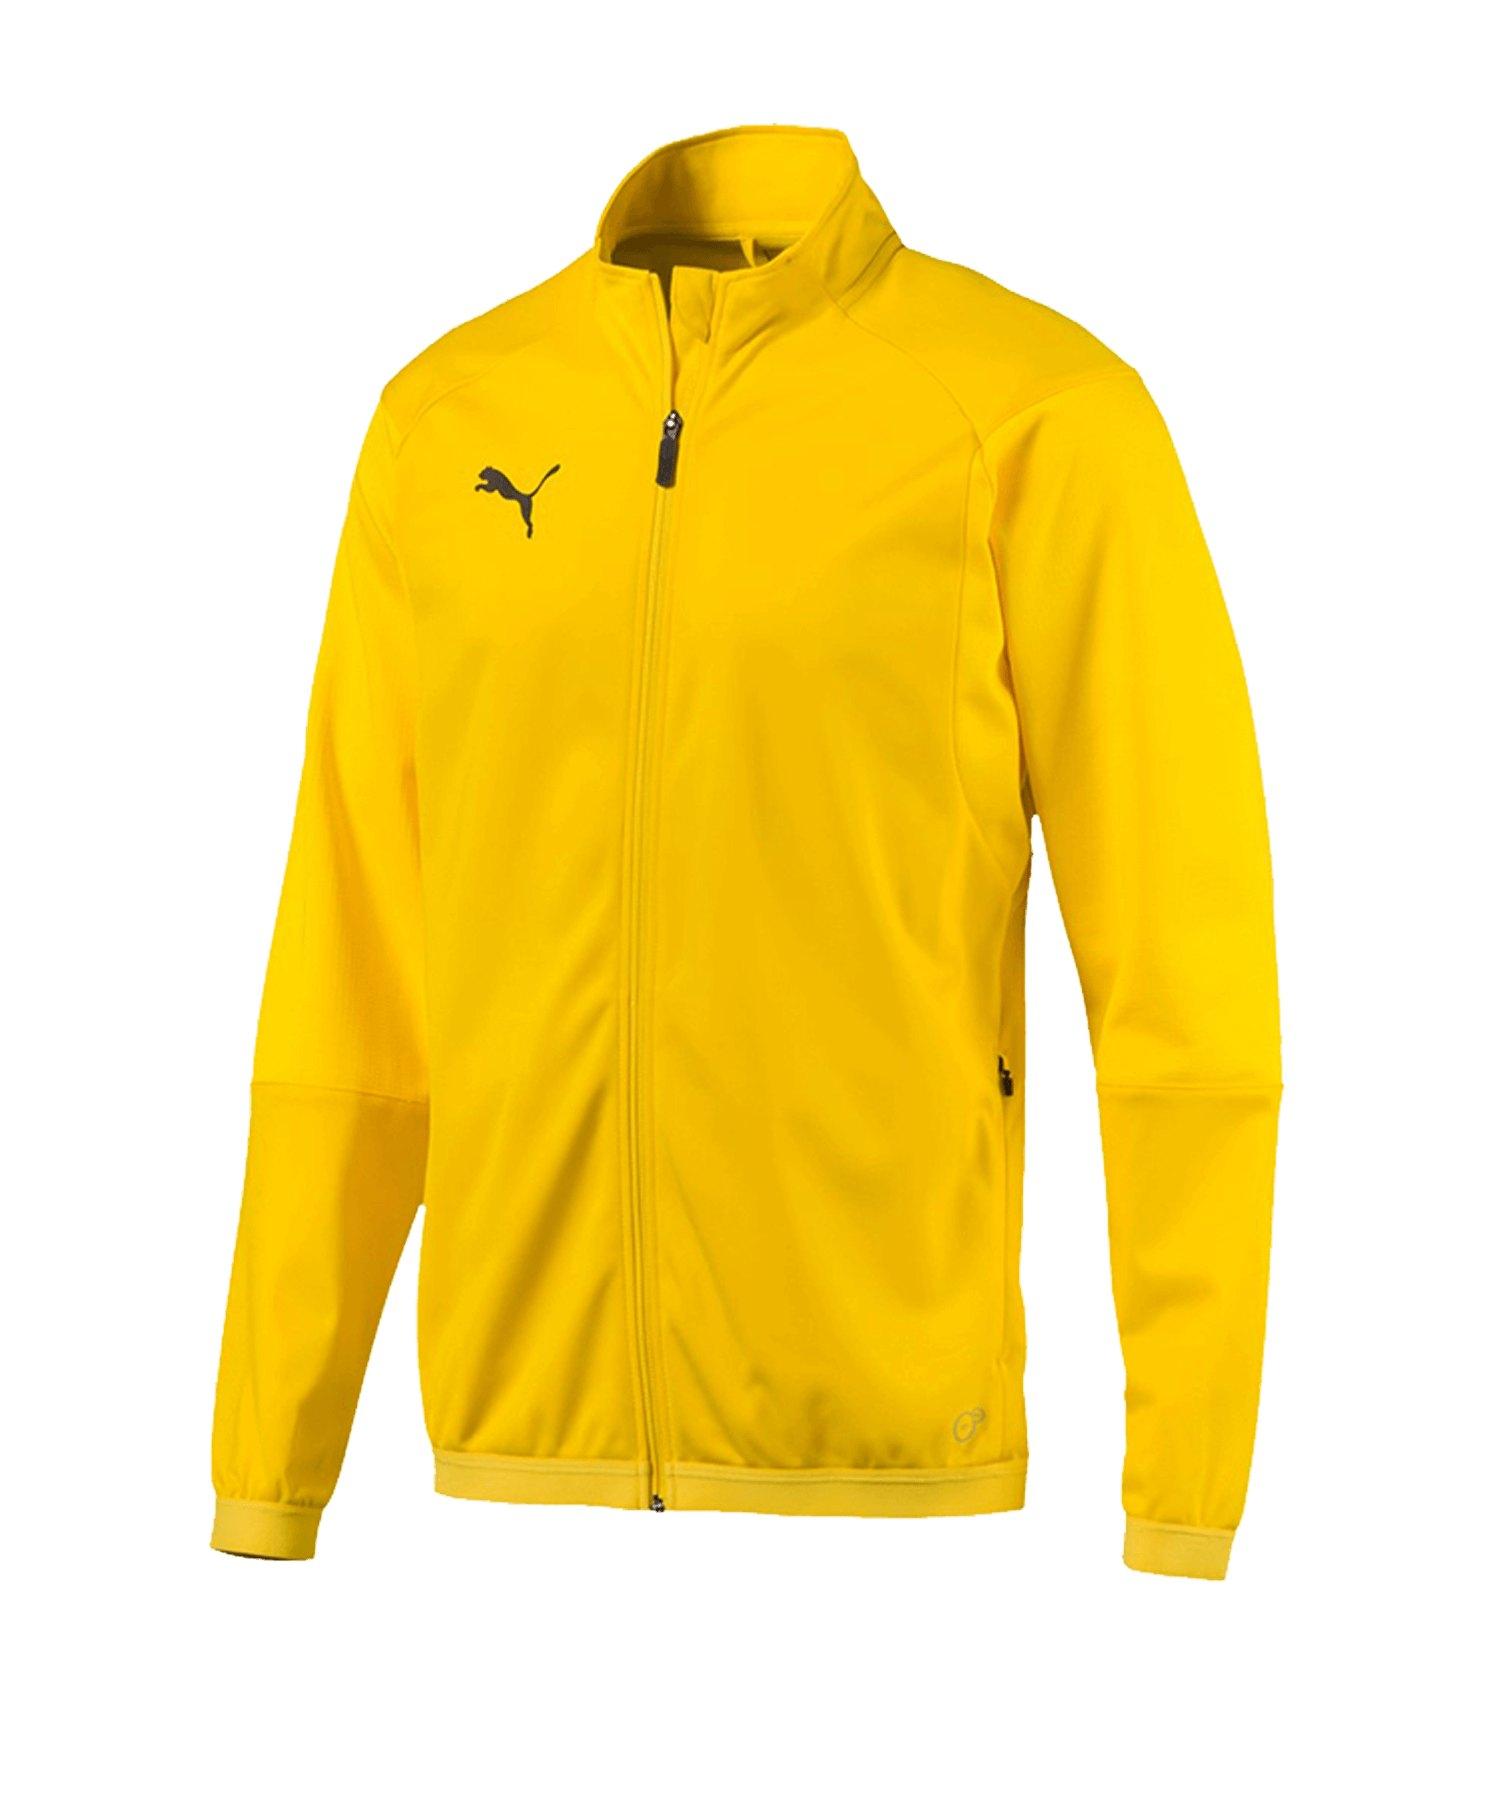 PUMA LIGA Training Jacket Trainingsjacke Gelb F07 - gelb